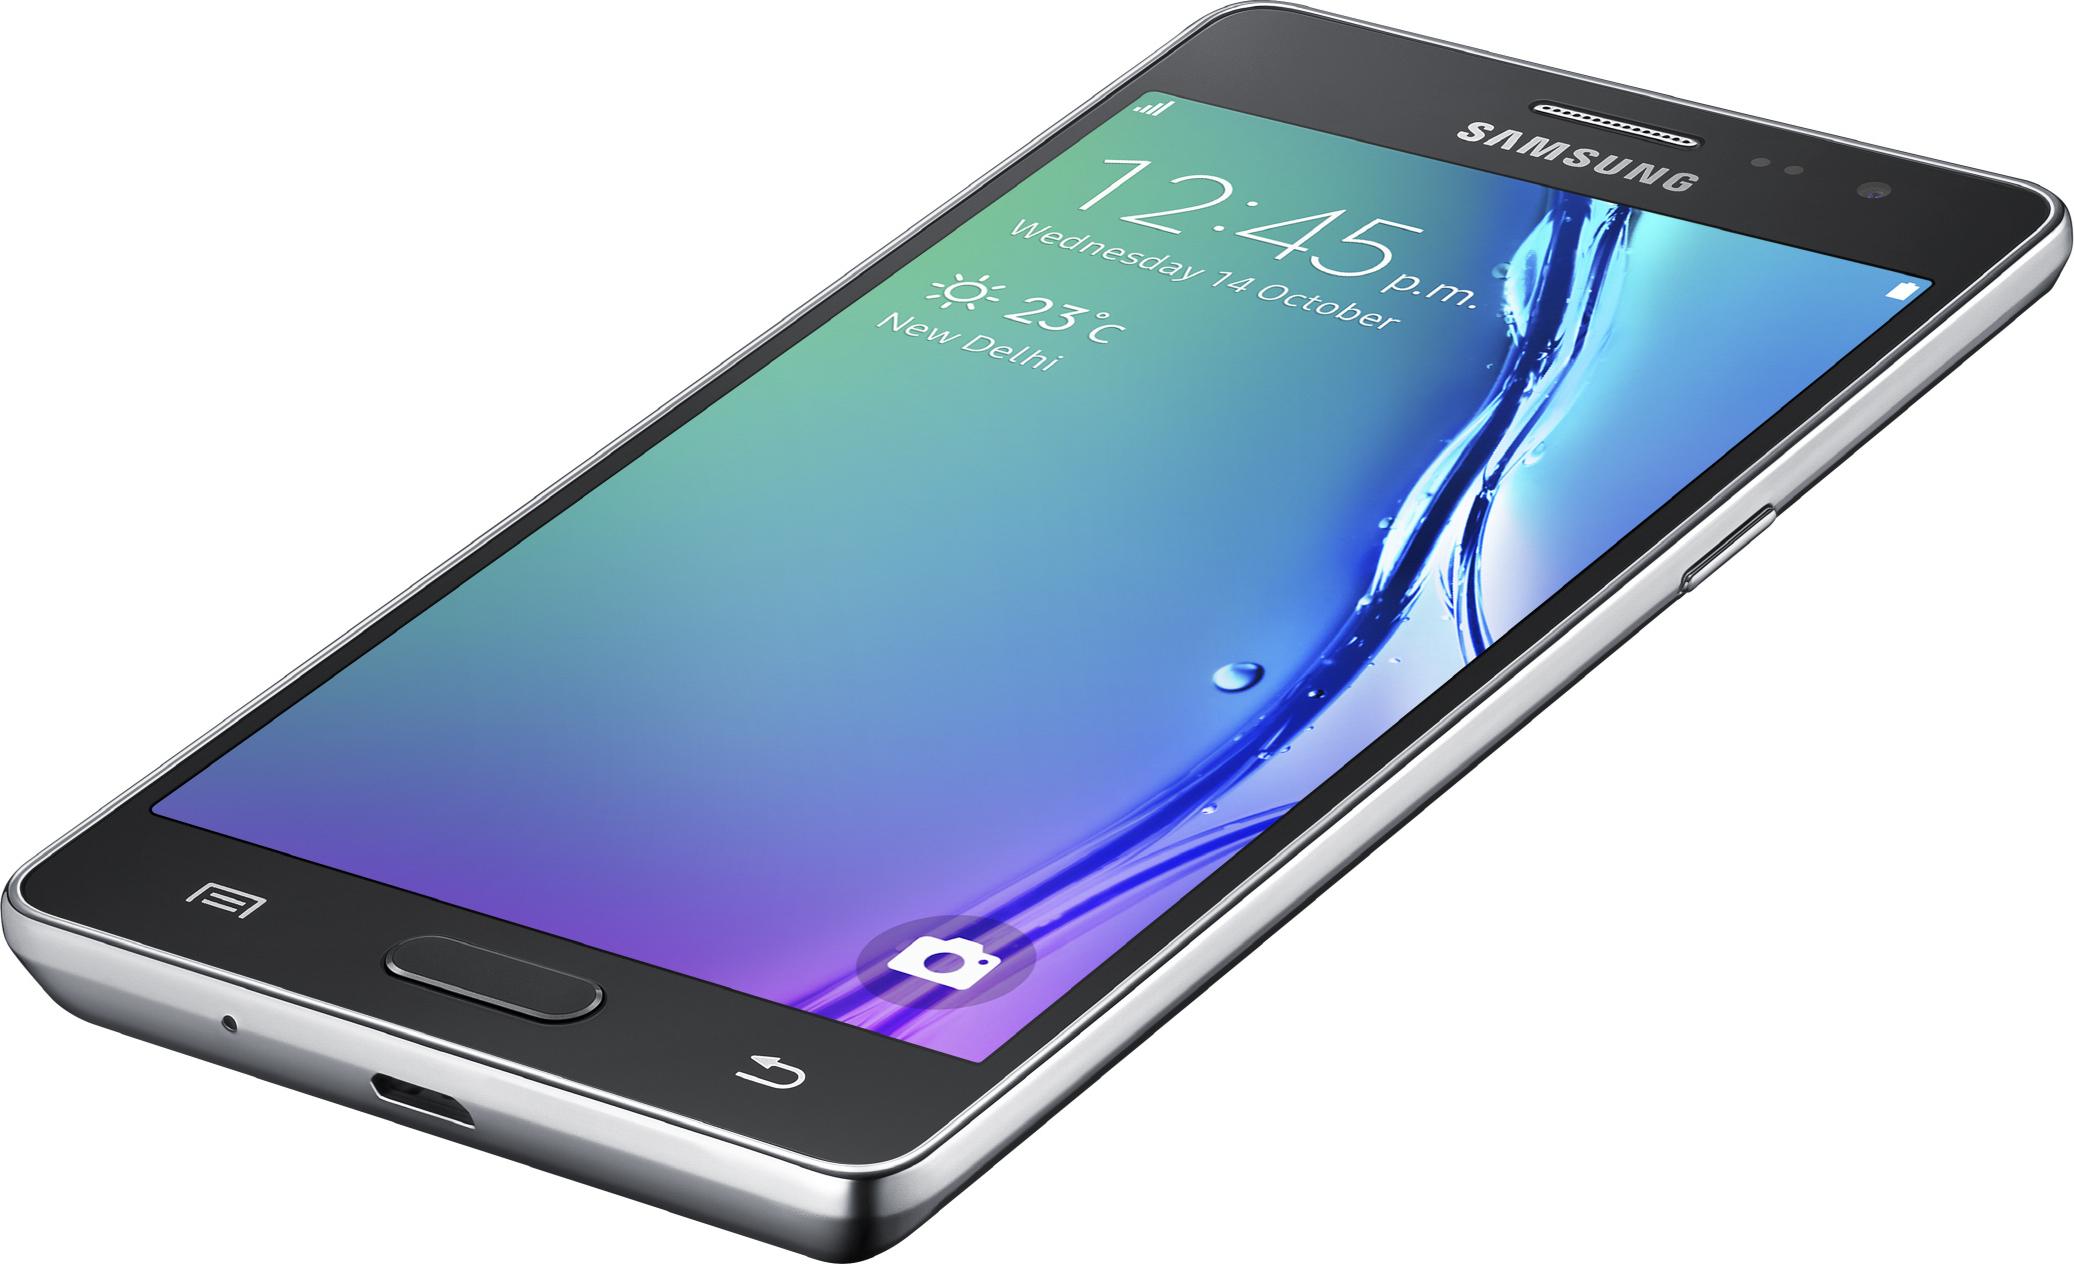 Samsung Z3 Il Arrivera Finalement En France Caracteristiques